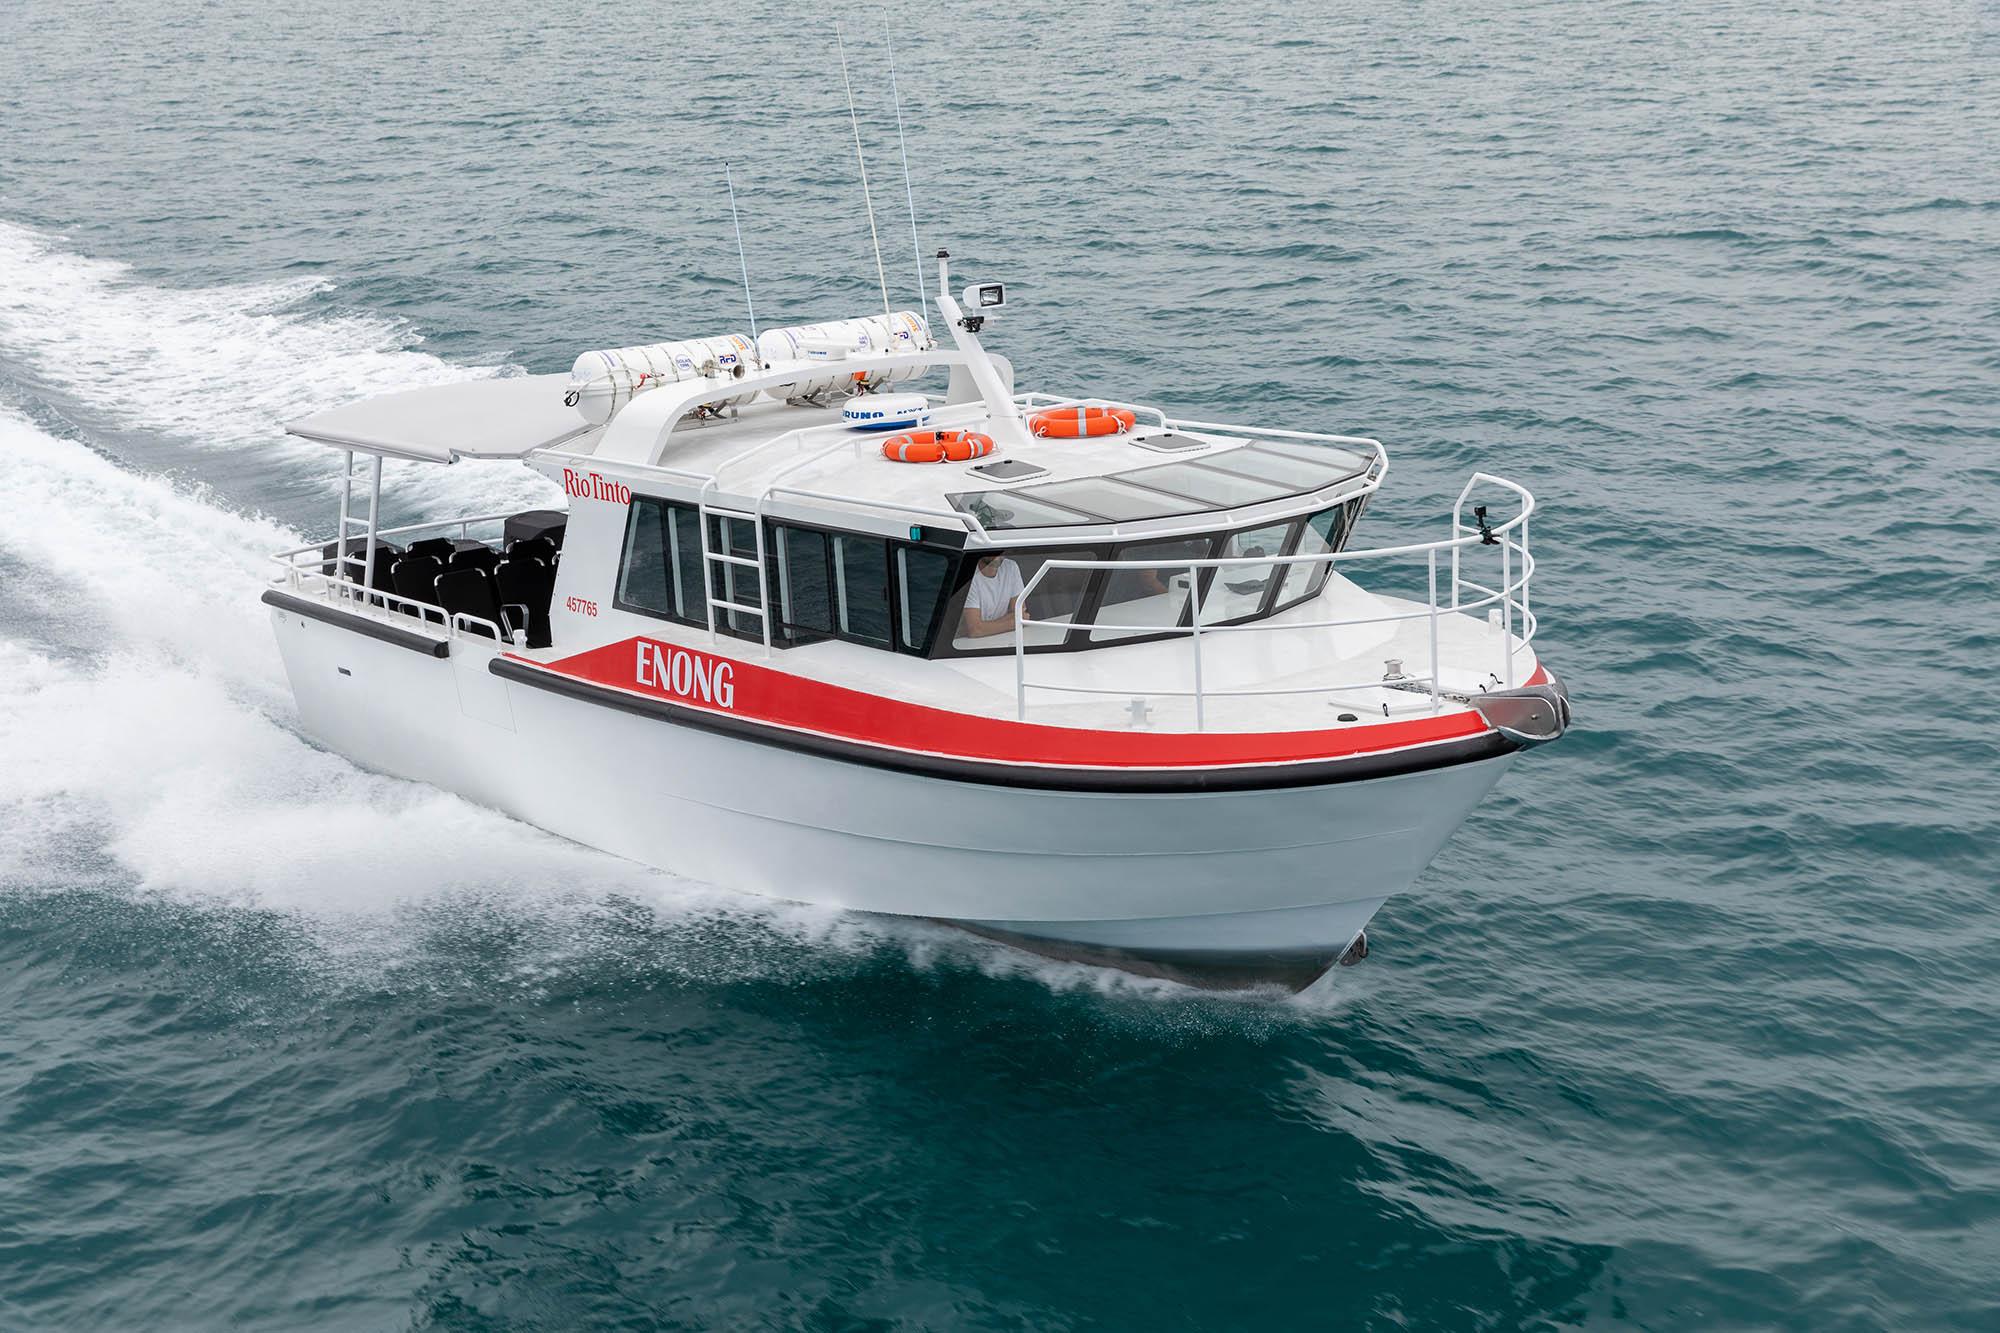 Rio Tinto 11.99m Crew Transfer Boat